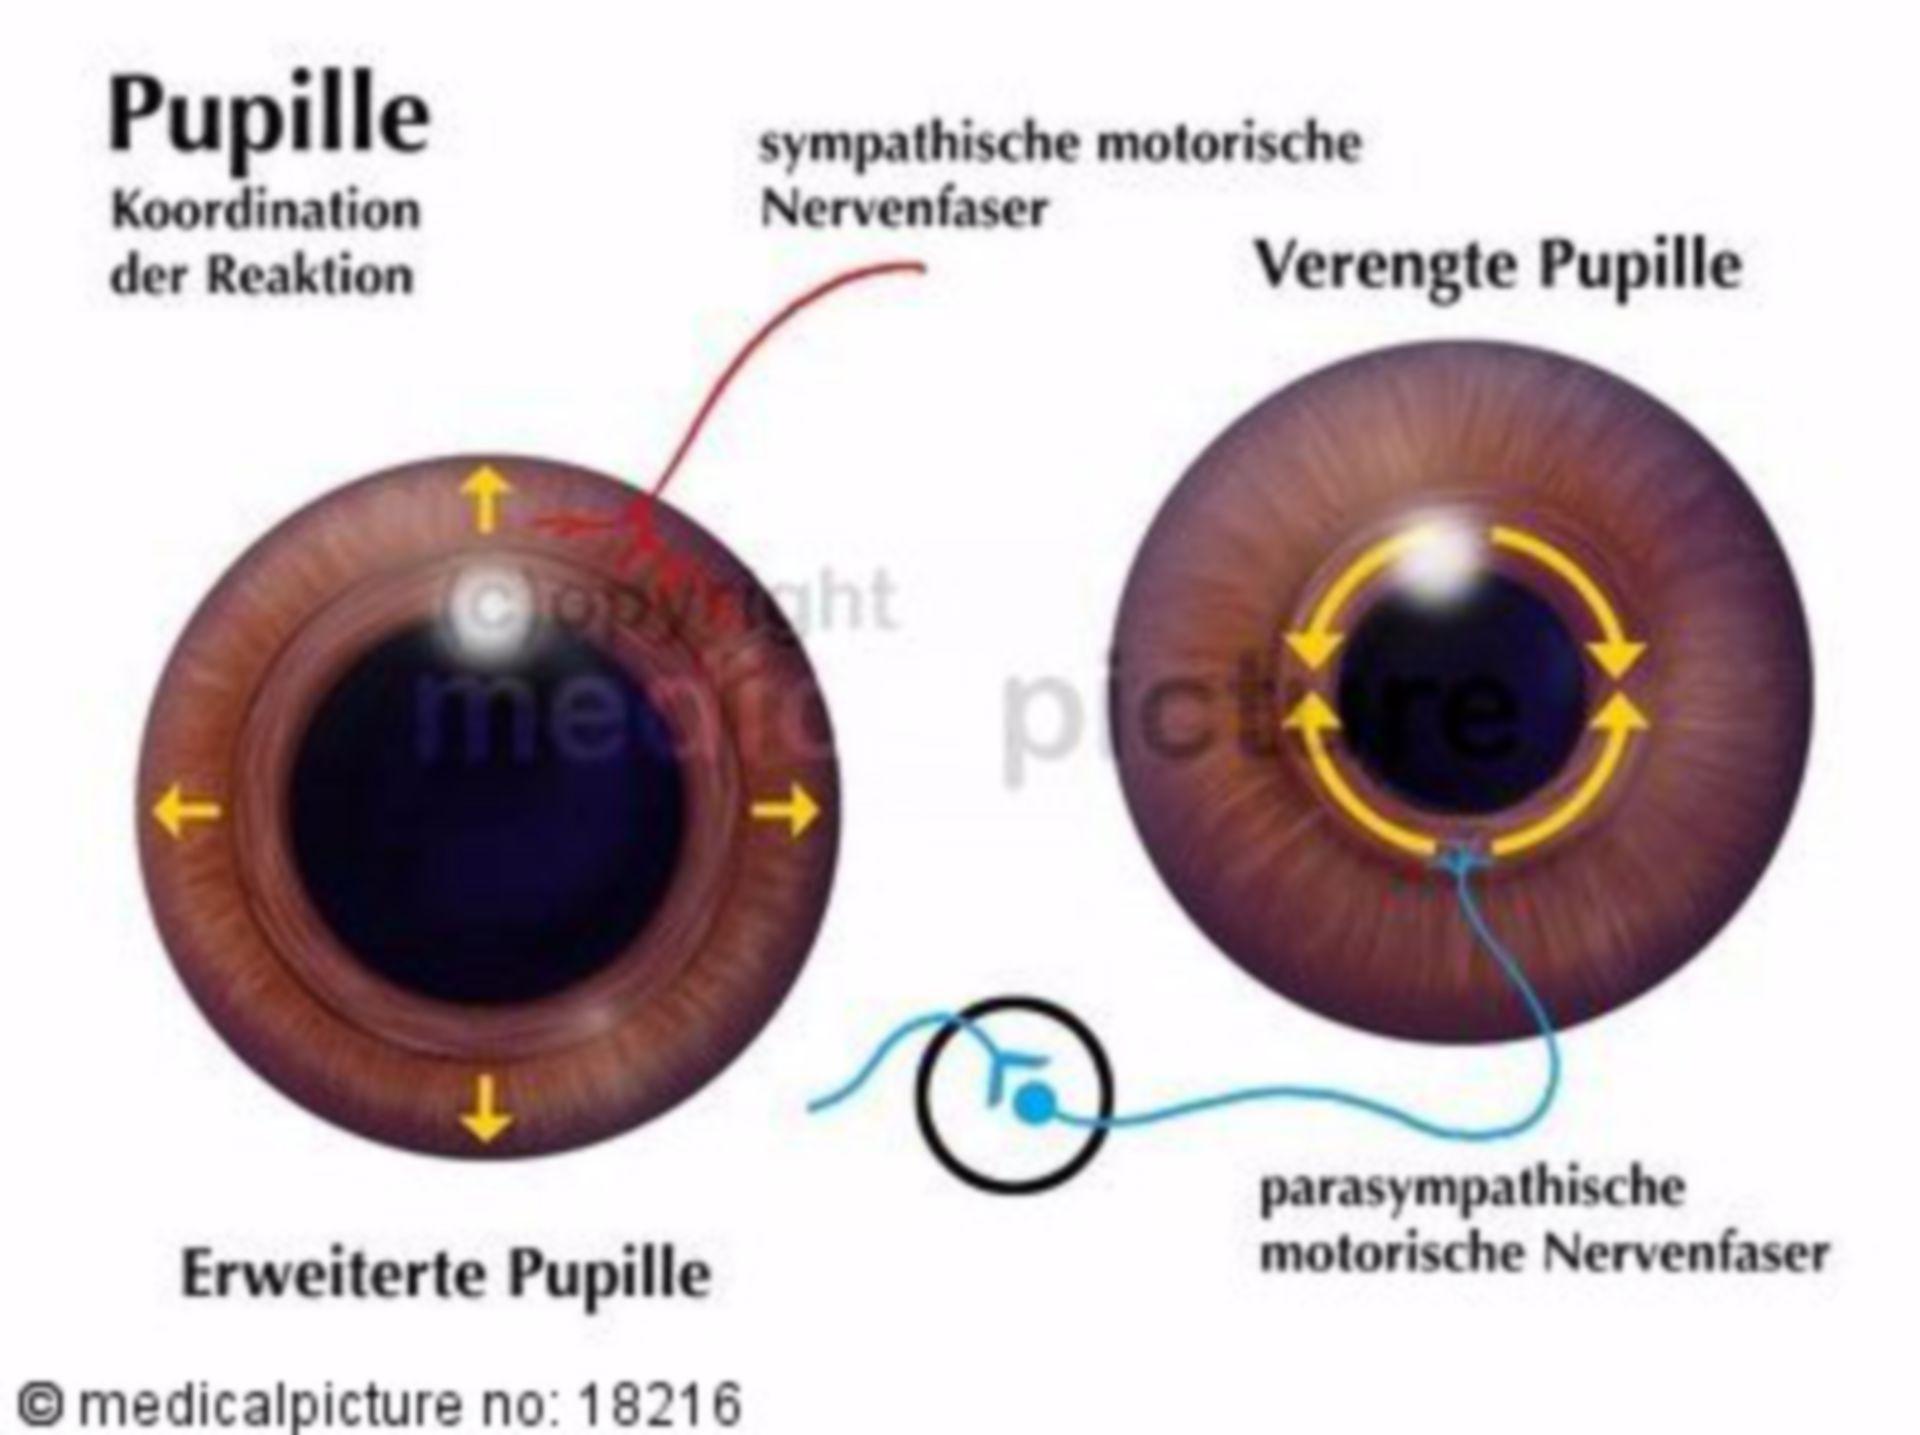 Pupil, pupil dilatation, pupil constriction